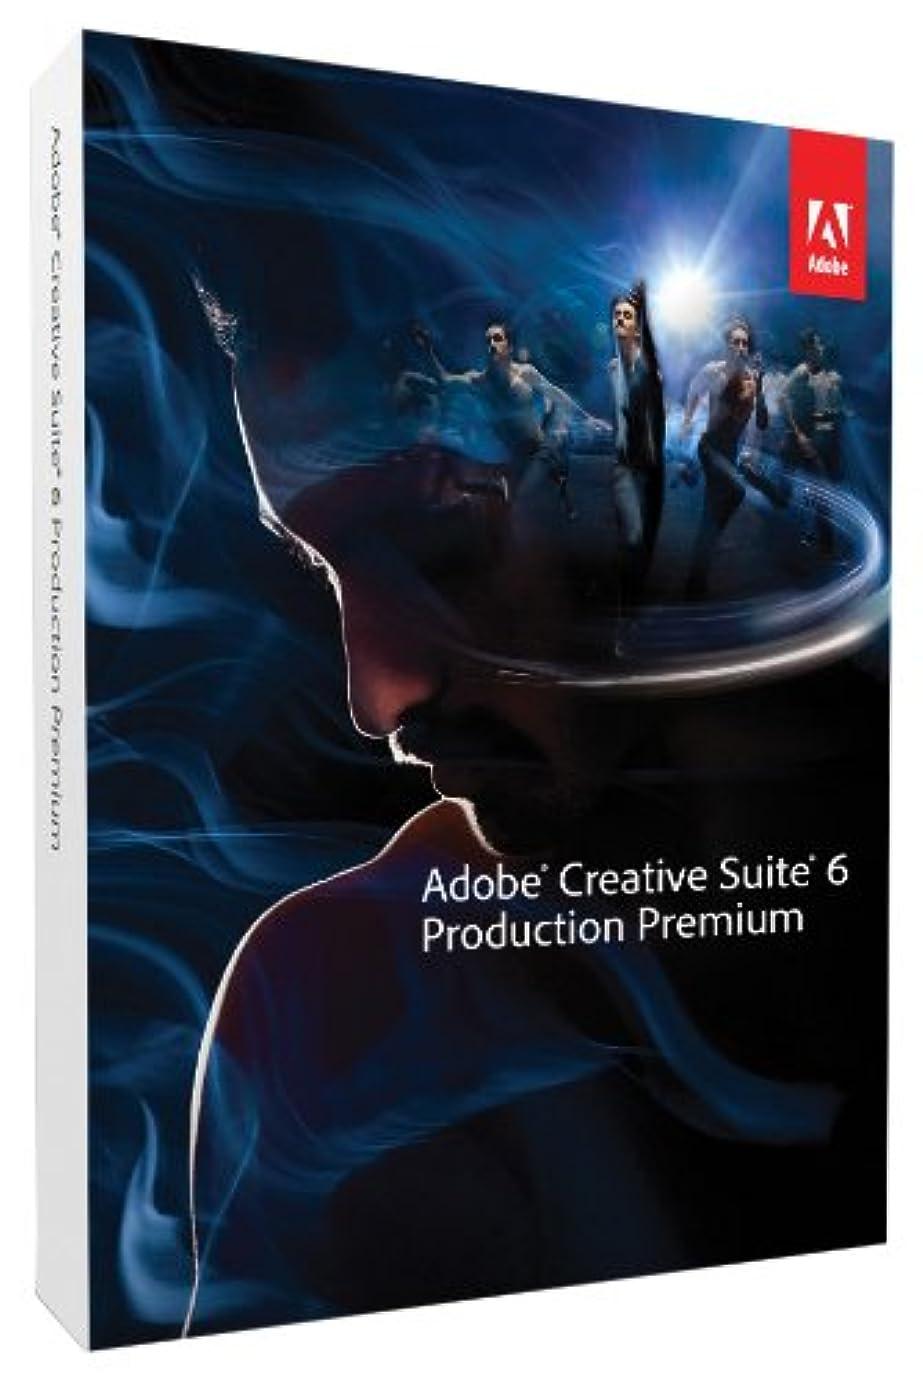 列挙する提供された道徳Adobe Creative Suite 6 Production Premium Windows版 (旧製品)